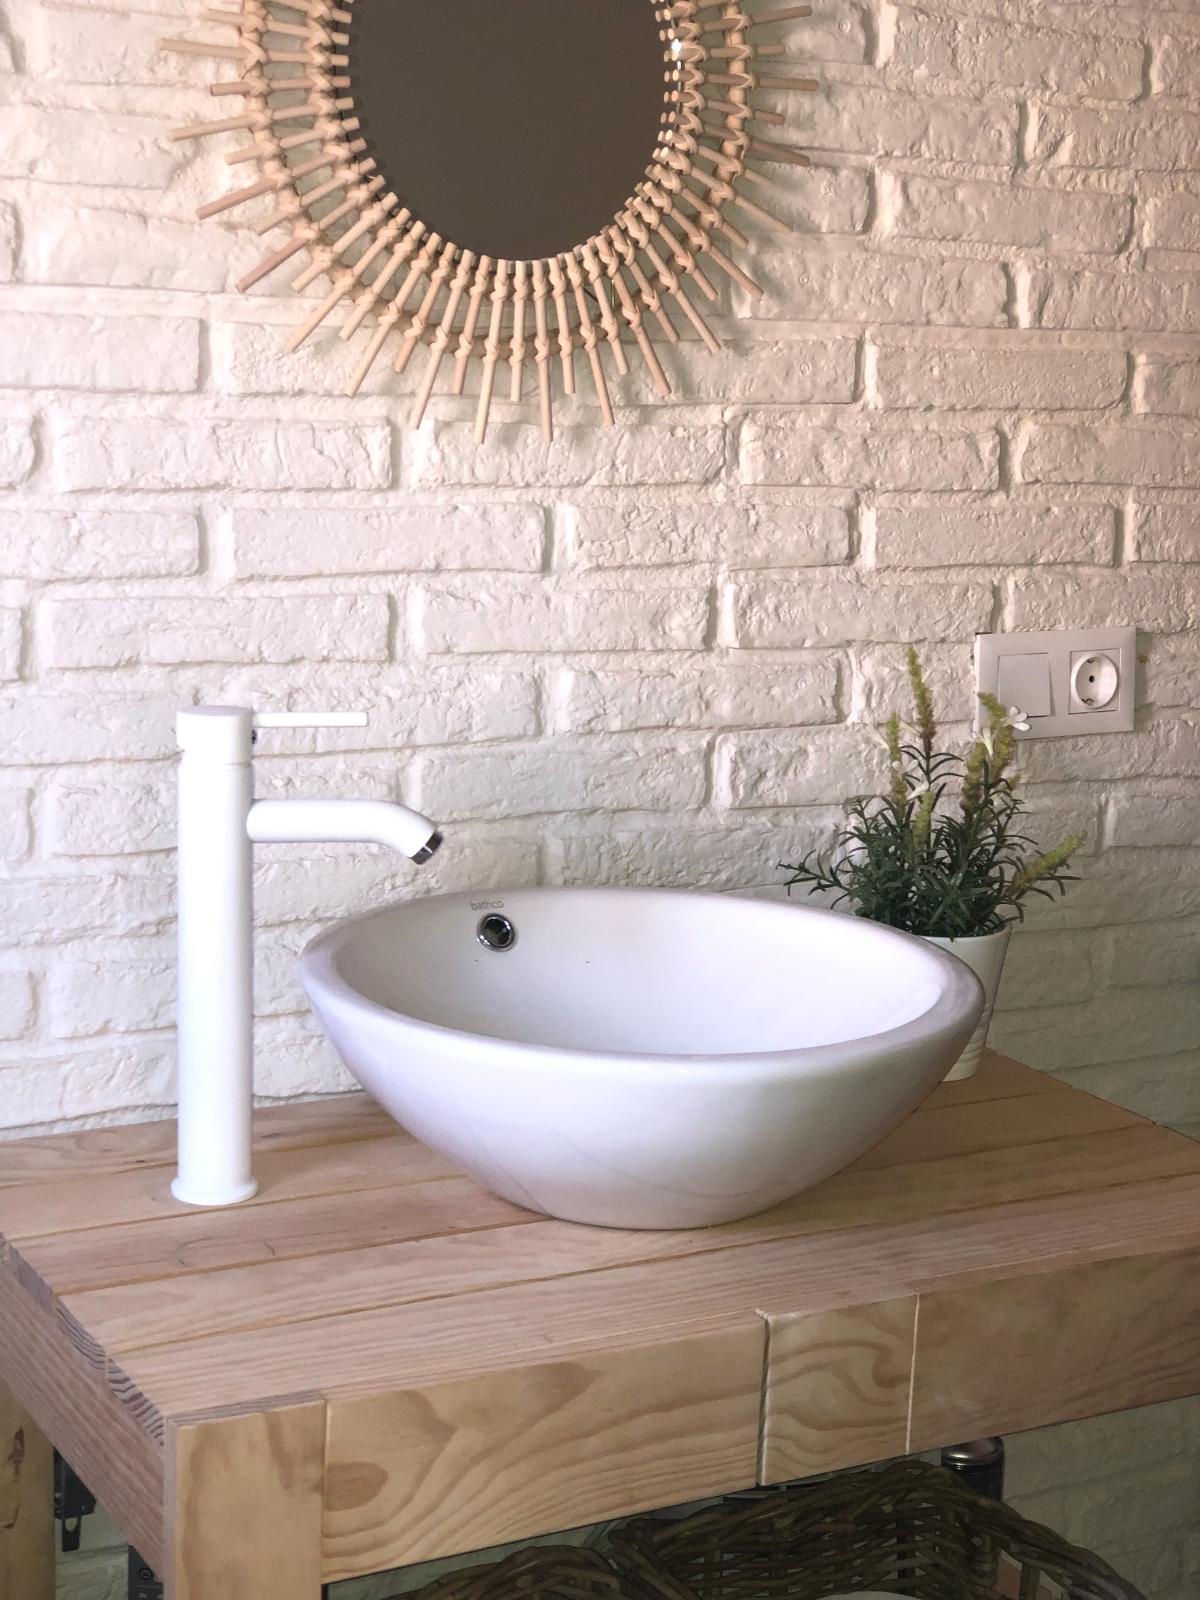 Salle De Bain Brique brique rustique blanche dans une salle de bain ~ paneldeco